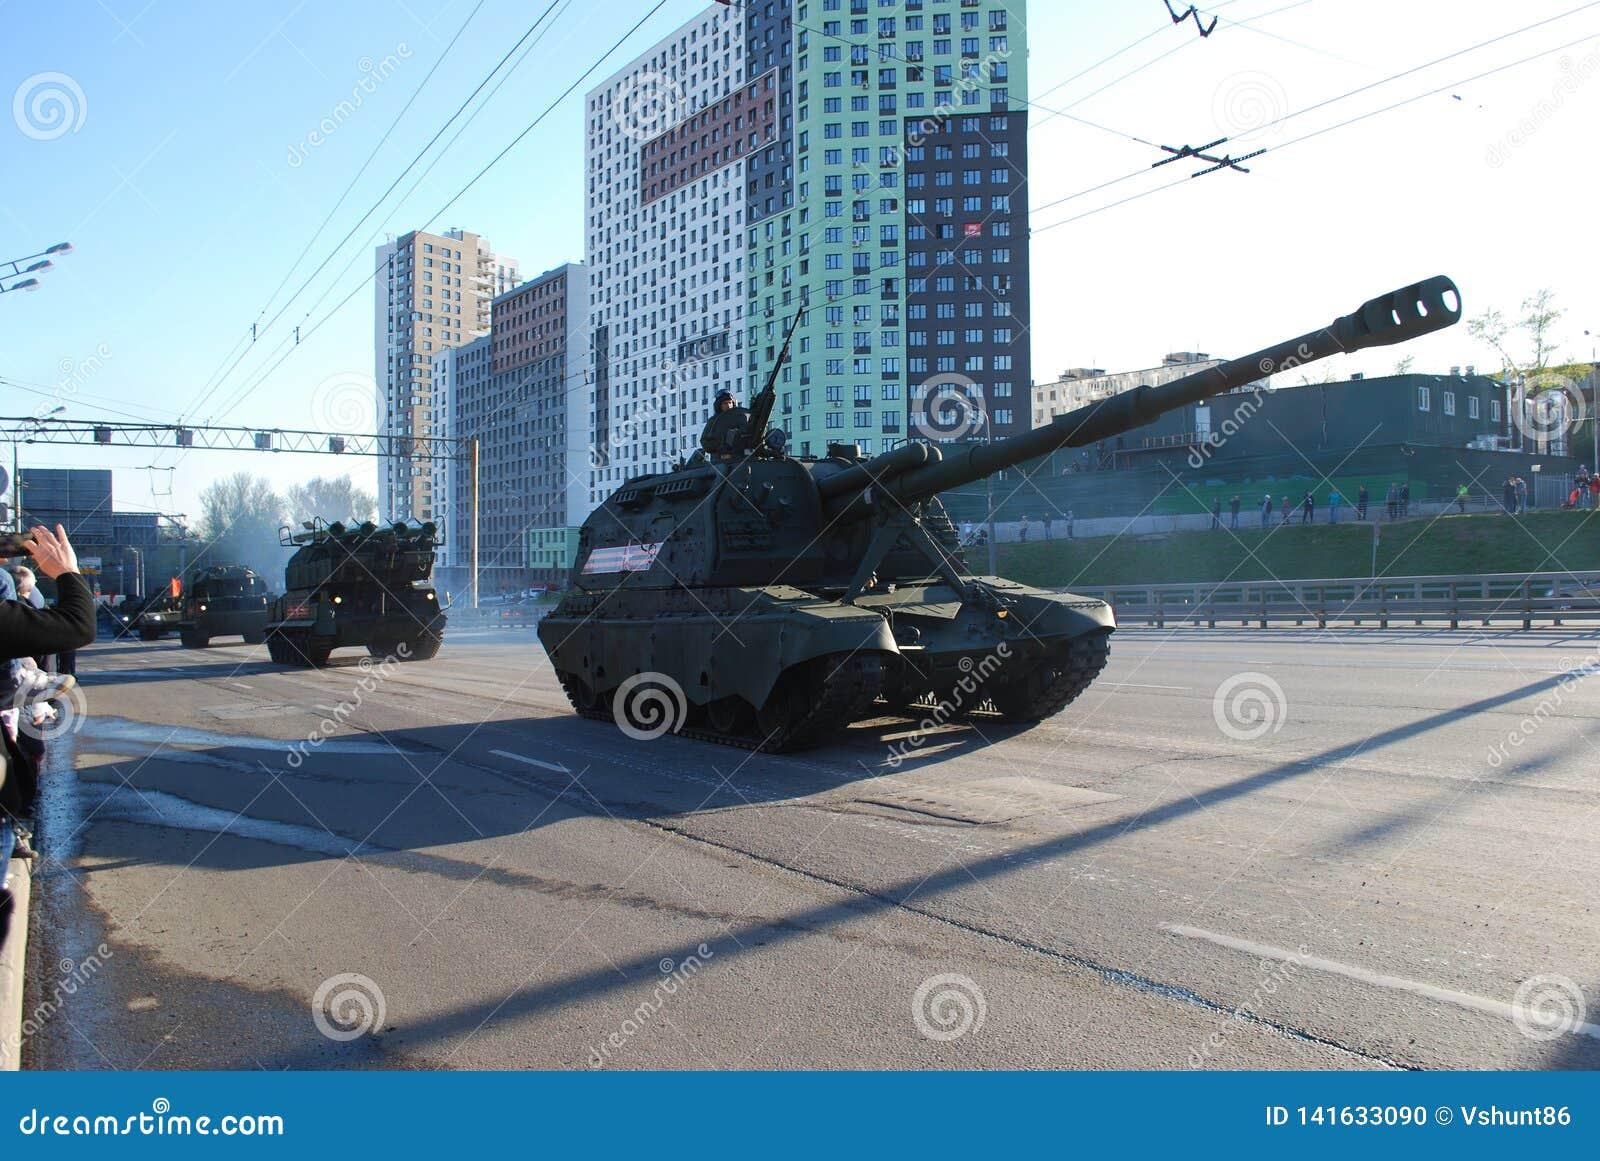 El obús automotor divisional soviético y ruso SAU de 152 milímetros Msta-con circunda la ciudad